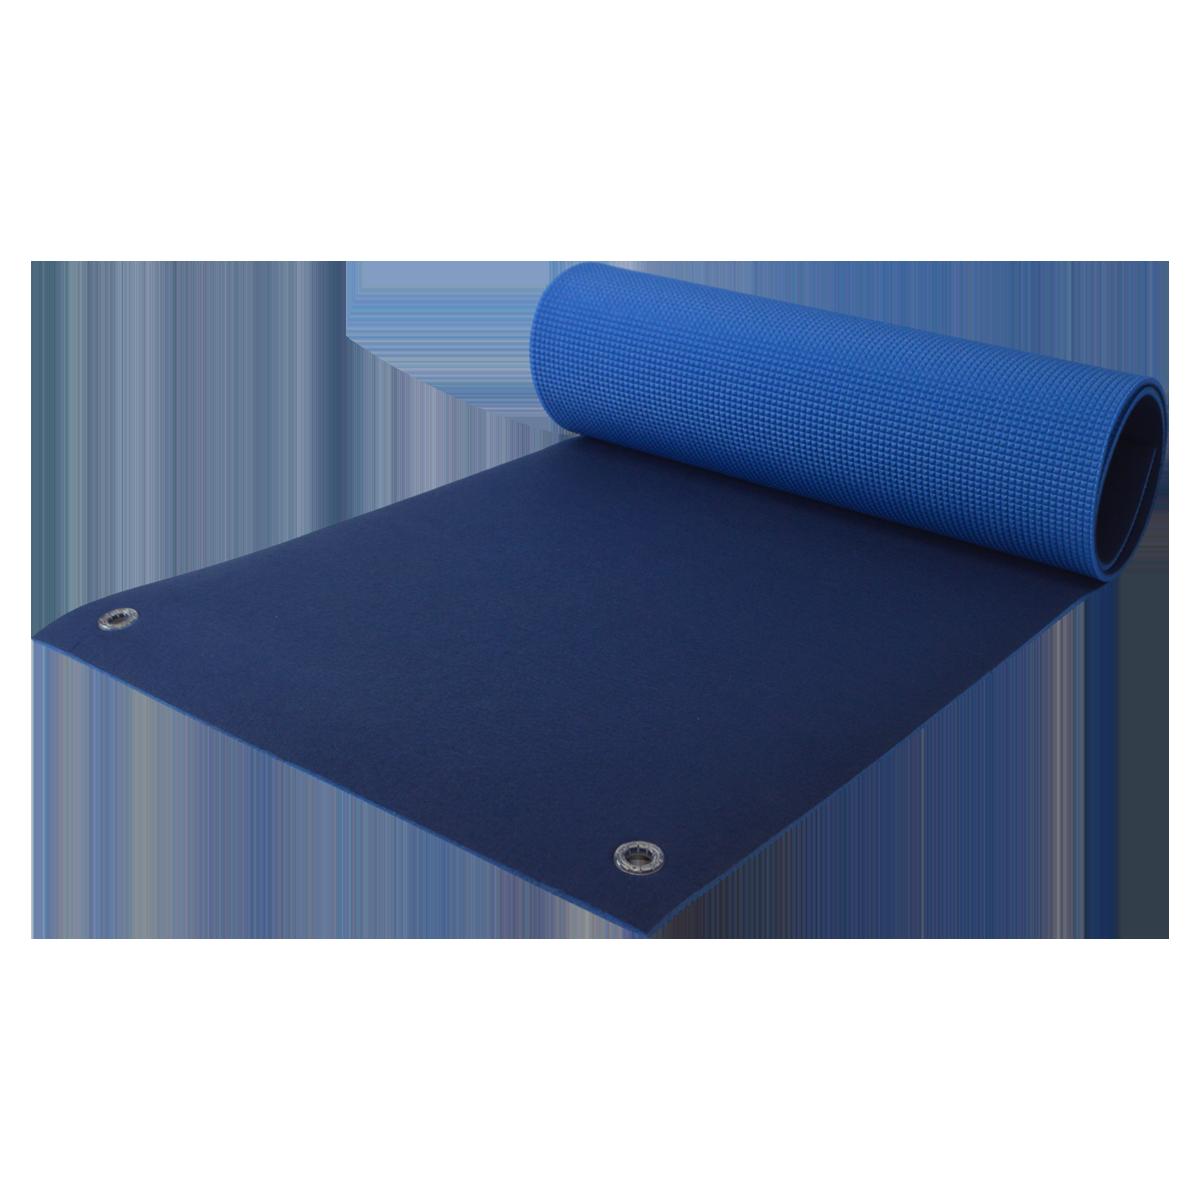 Natte gym confort 180 cm-img-410